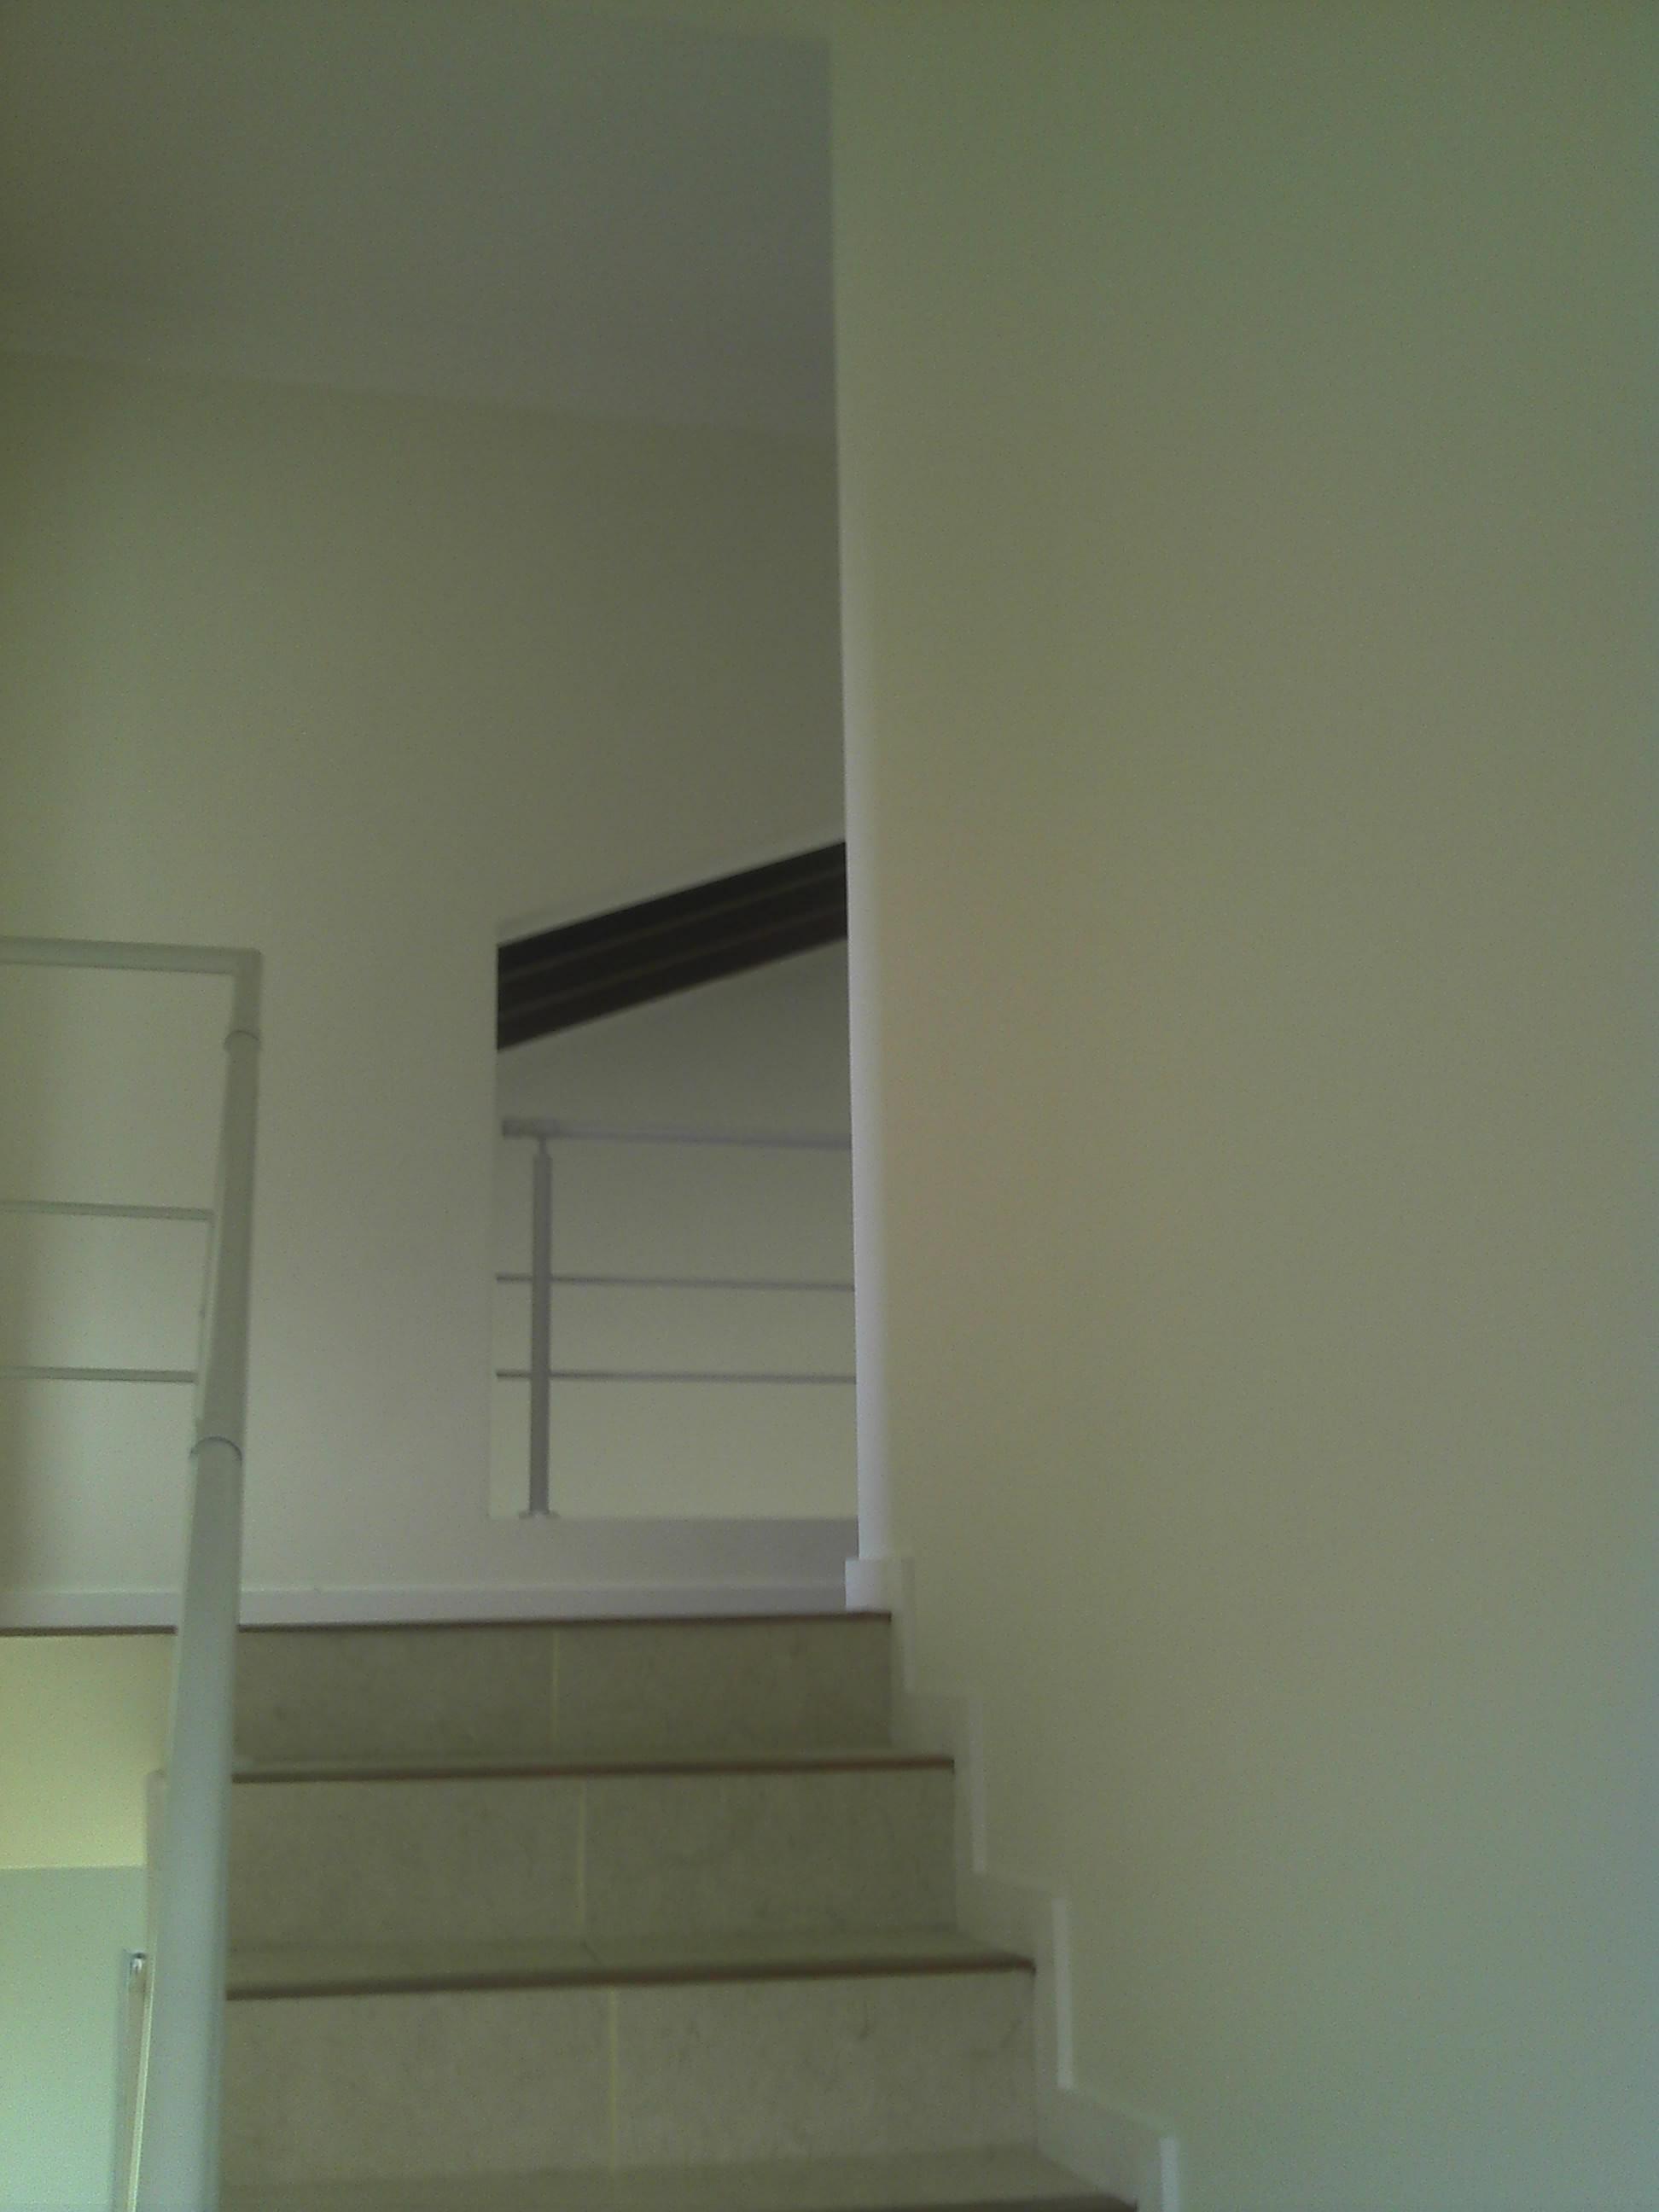 Imagens de #4D7E60 casacondominioindaiatuba Para comprar casa em condomínio fechado em  1944x2592 px 2776 Box Banheiro Nh